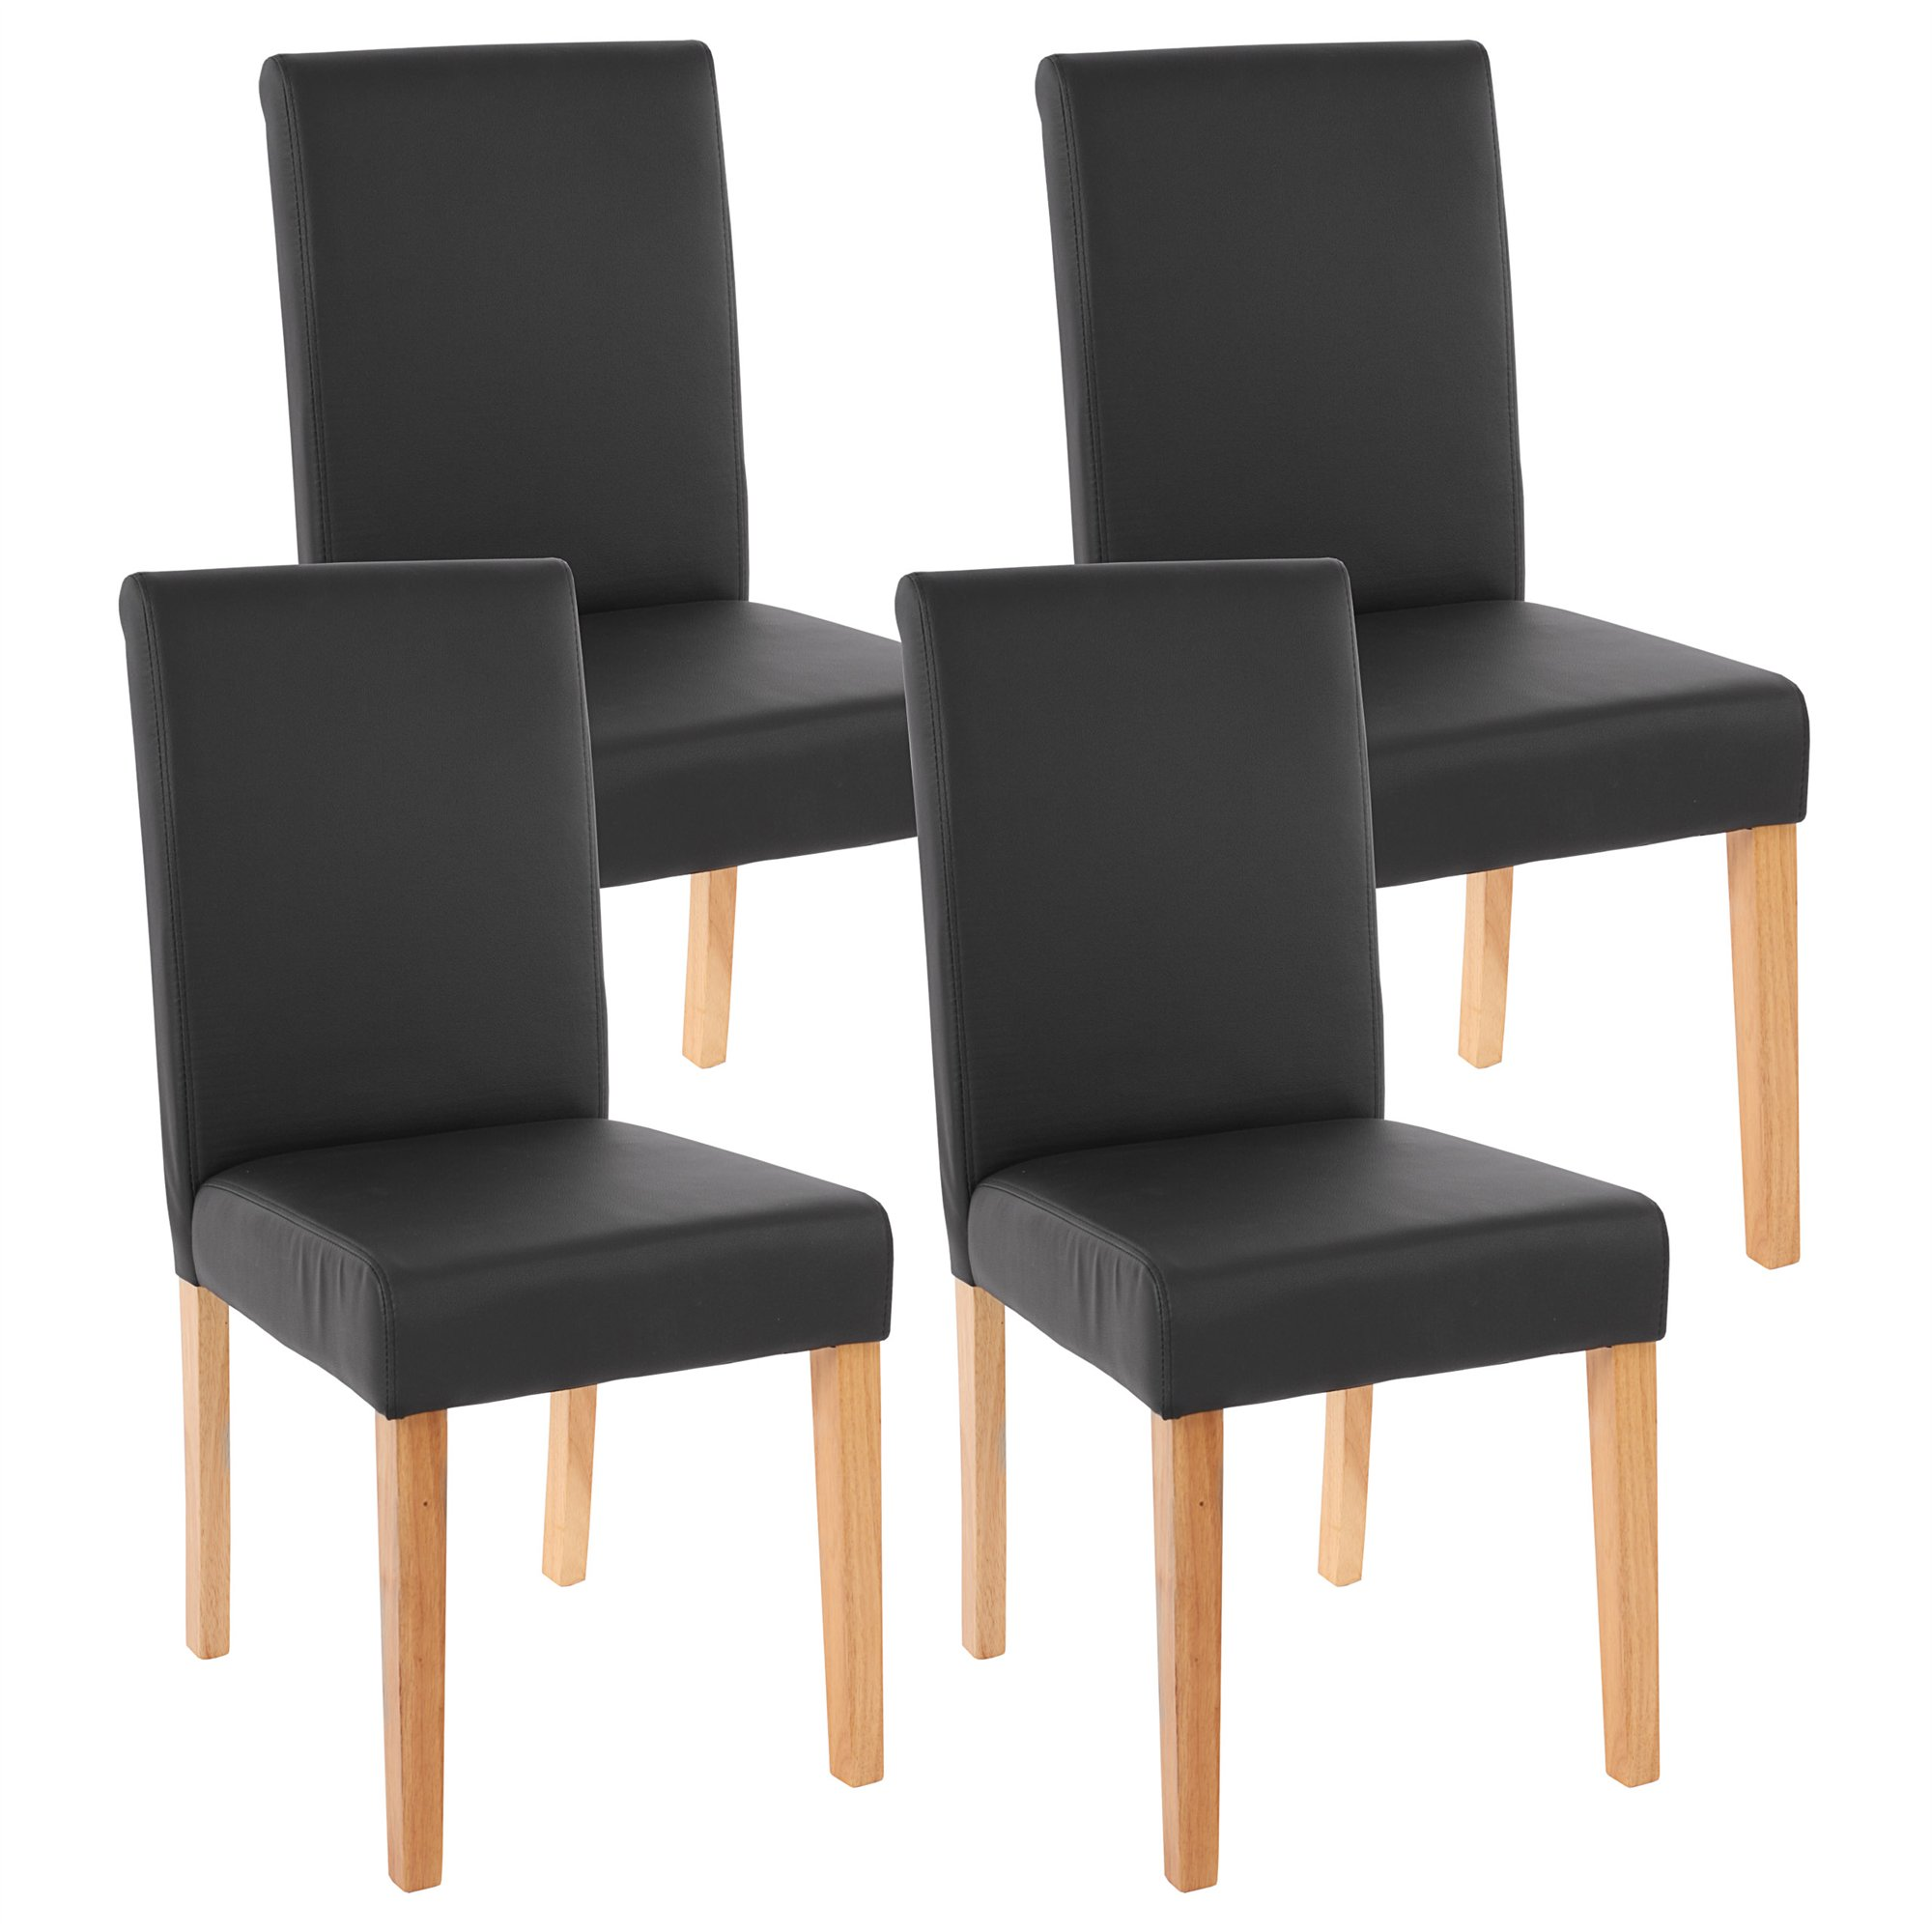 Conjunto 4 sillas de comedor litau en piel mate negra for Sillas de piel para comedor